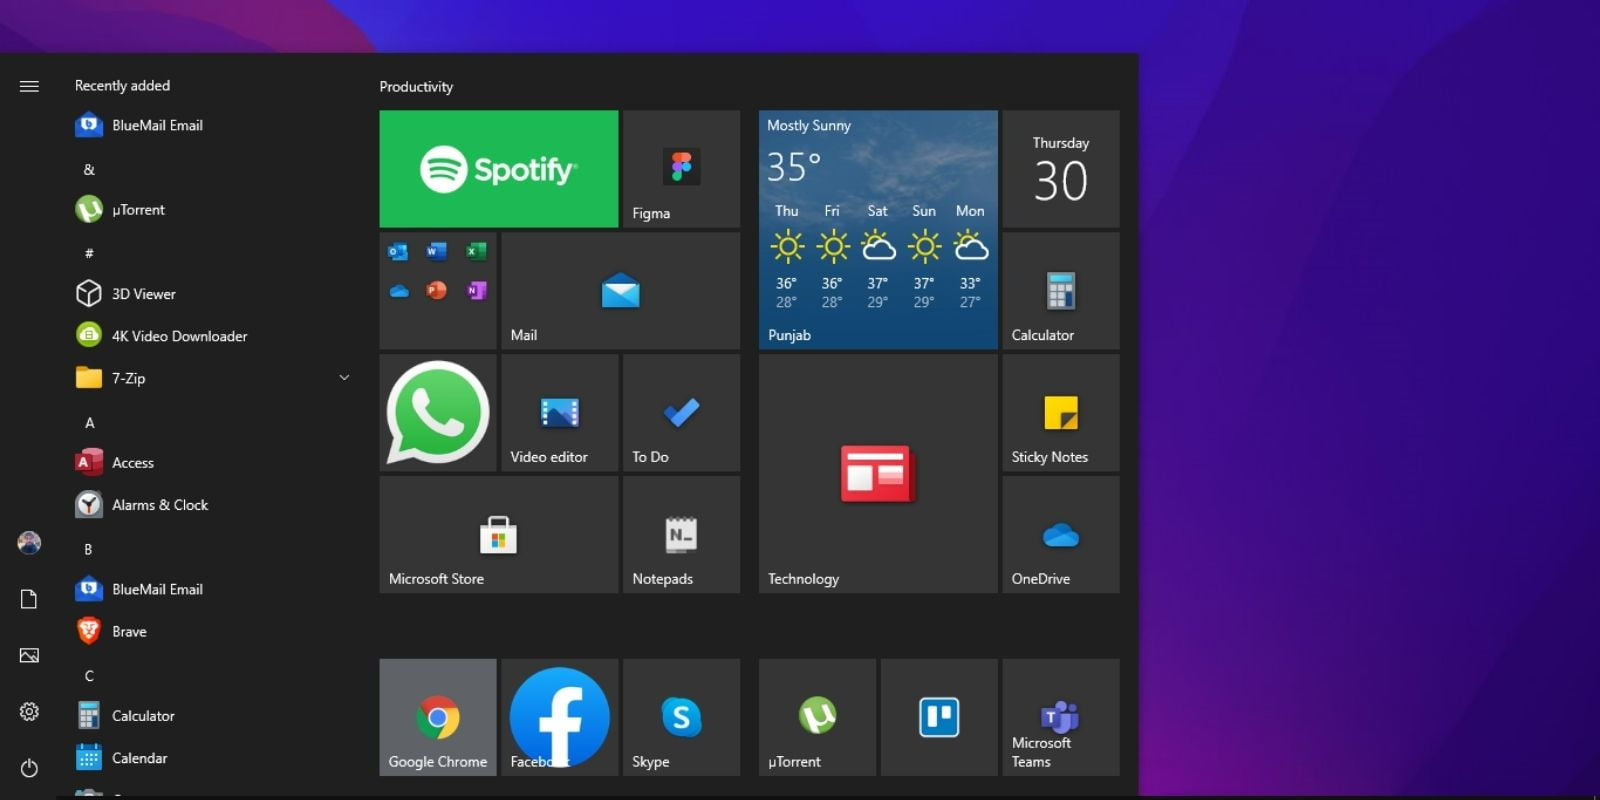 A beginner's guide to Windows 10 Start menu